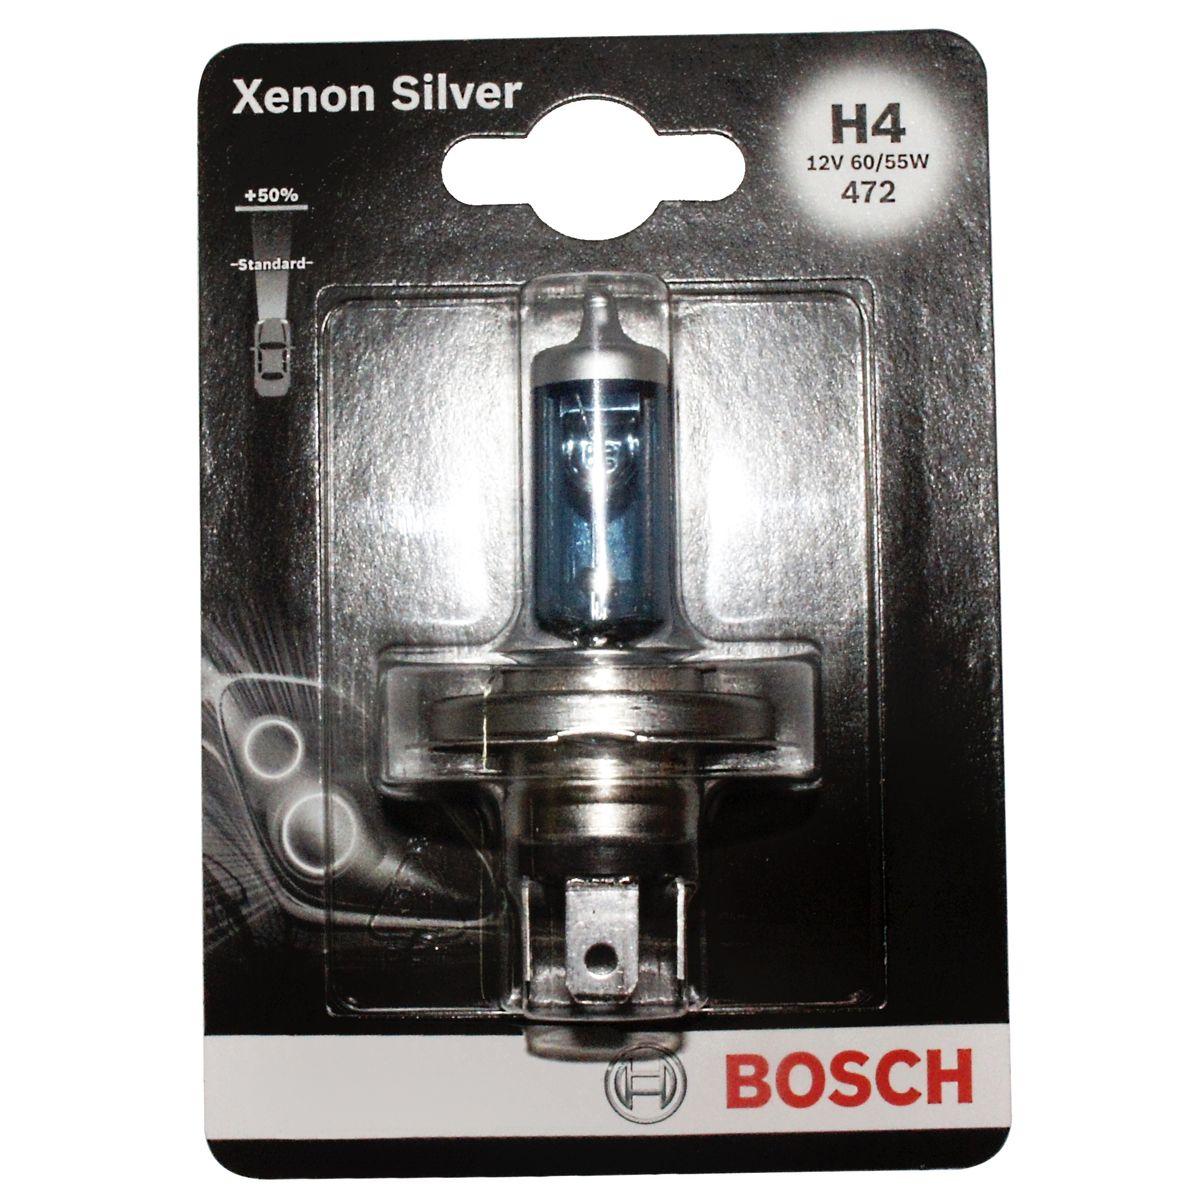 Лампа Bosch Xenon Silver H4 19873010681987301068Новые лампы Bosch для галогенных фар освещают дорогу интенсивным белым светом, который очень близок по свойствам к дневному освещению.Благодаря этому глаза водителя не теряют фокусировки и меньше устают даже во время долгих поездок в темное время суток. Новые лампы отличаются высокой яркостью и могут давать до 50% больше света, чем стандартные галогенные фары. Лампы Bosch доступны в вариантах H1, H4 и H7. Серебряное покрытие ламп H4 и H7 делает их едва заметными за стеклами выключенных фар. Новые лампы выглядят наиболее эффектно в сочетании с фарами из прозрачного стекла и подчеркивают современный дизайн автомобилей. Увеличенная яркость и дальность освещения положительно сказывается на безопасности движения. В темное время суток или в сложных погодных условиях, таких как ливень или густой туман, водитель замечает опасную ситуацию намного раньше и на большем расстоянии, при этом лучше заметен и сам автомобиль с фарами Bosch. Напряжение: 12 вольт